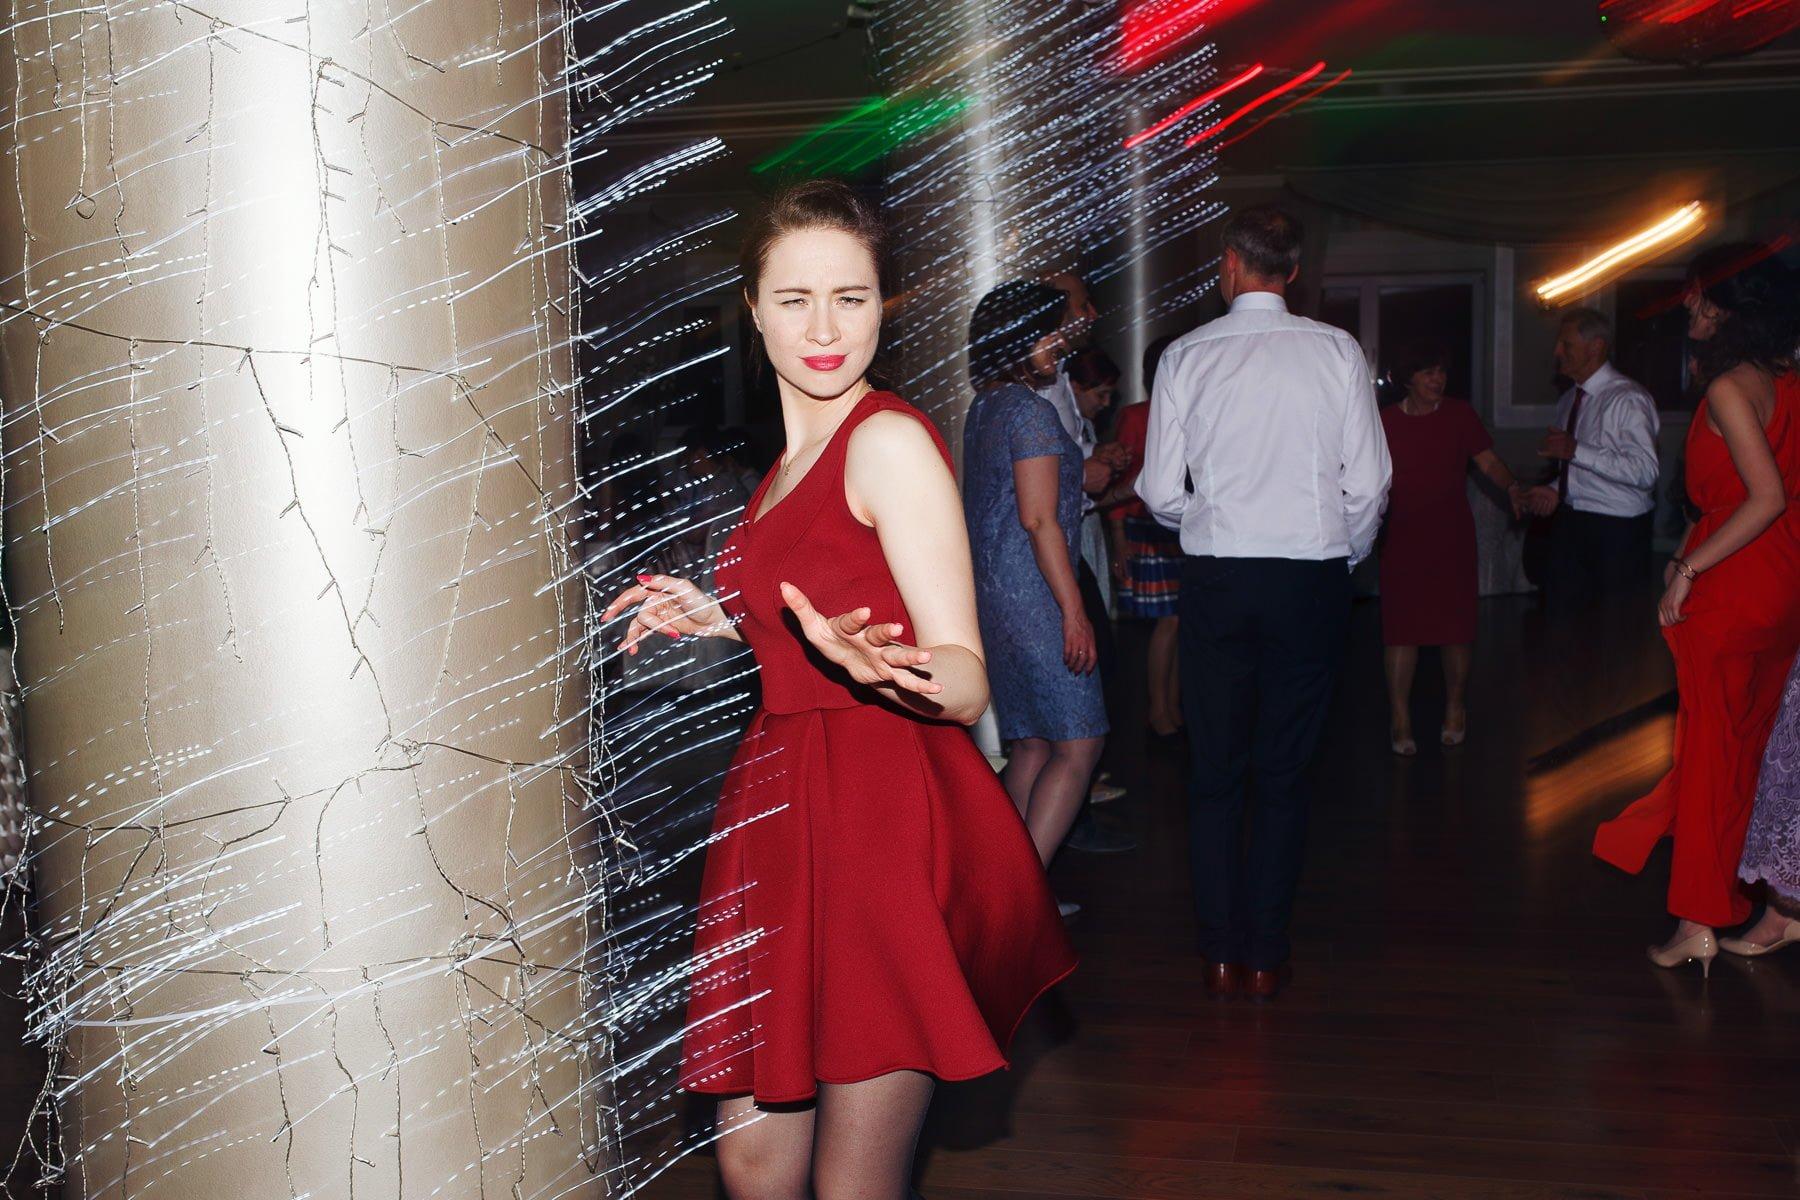 fotograf slub bielsko biala ania maciej 171 - Ślub w Bielsku-Białej - ANIA & MACIEJ